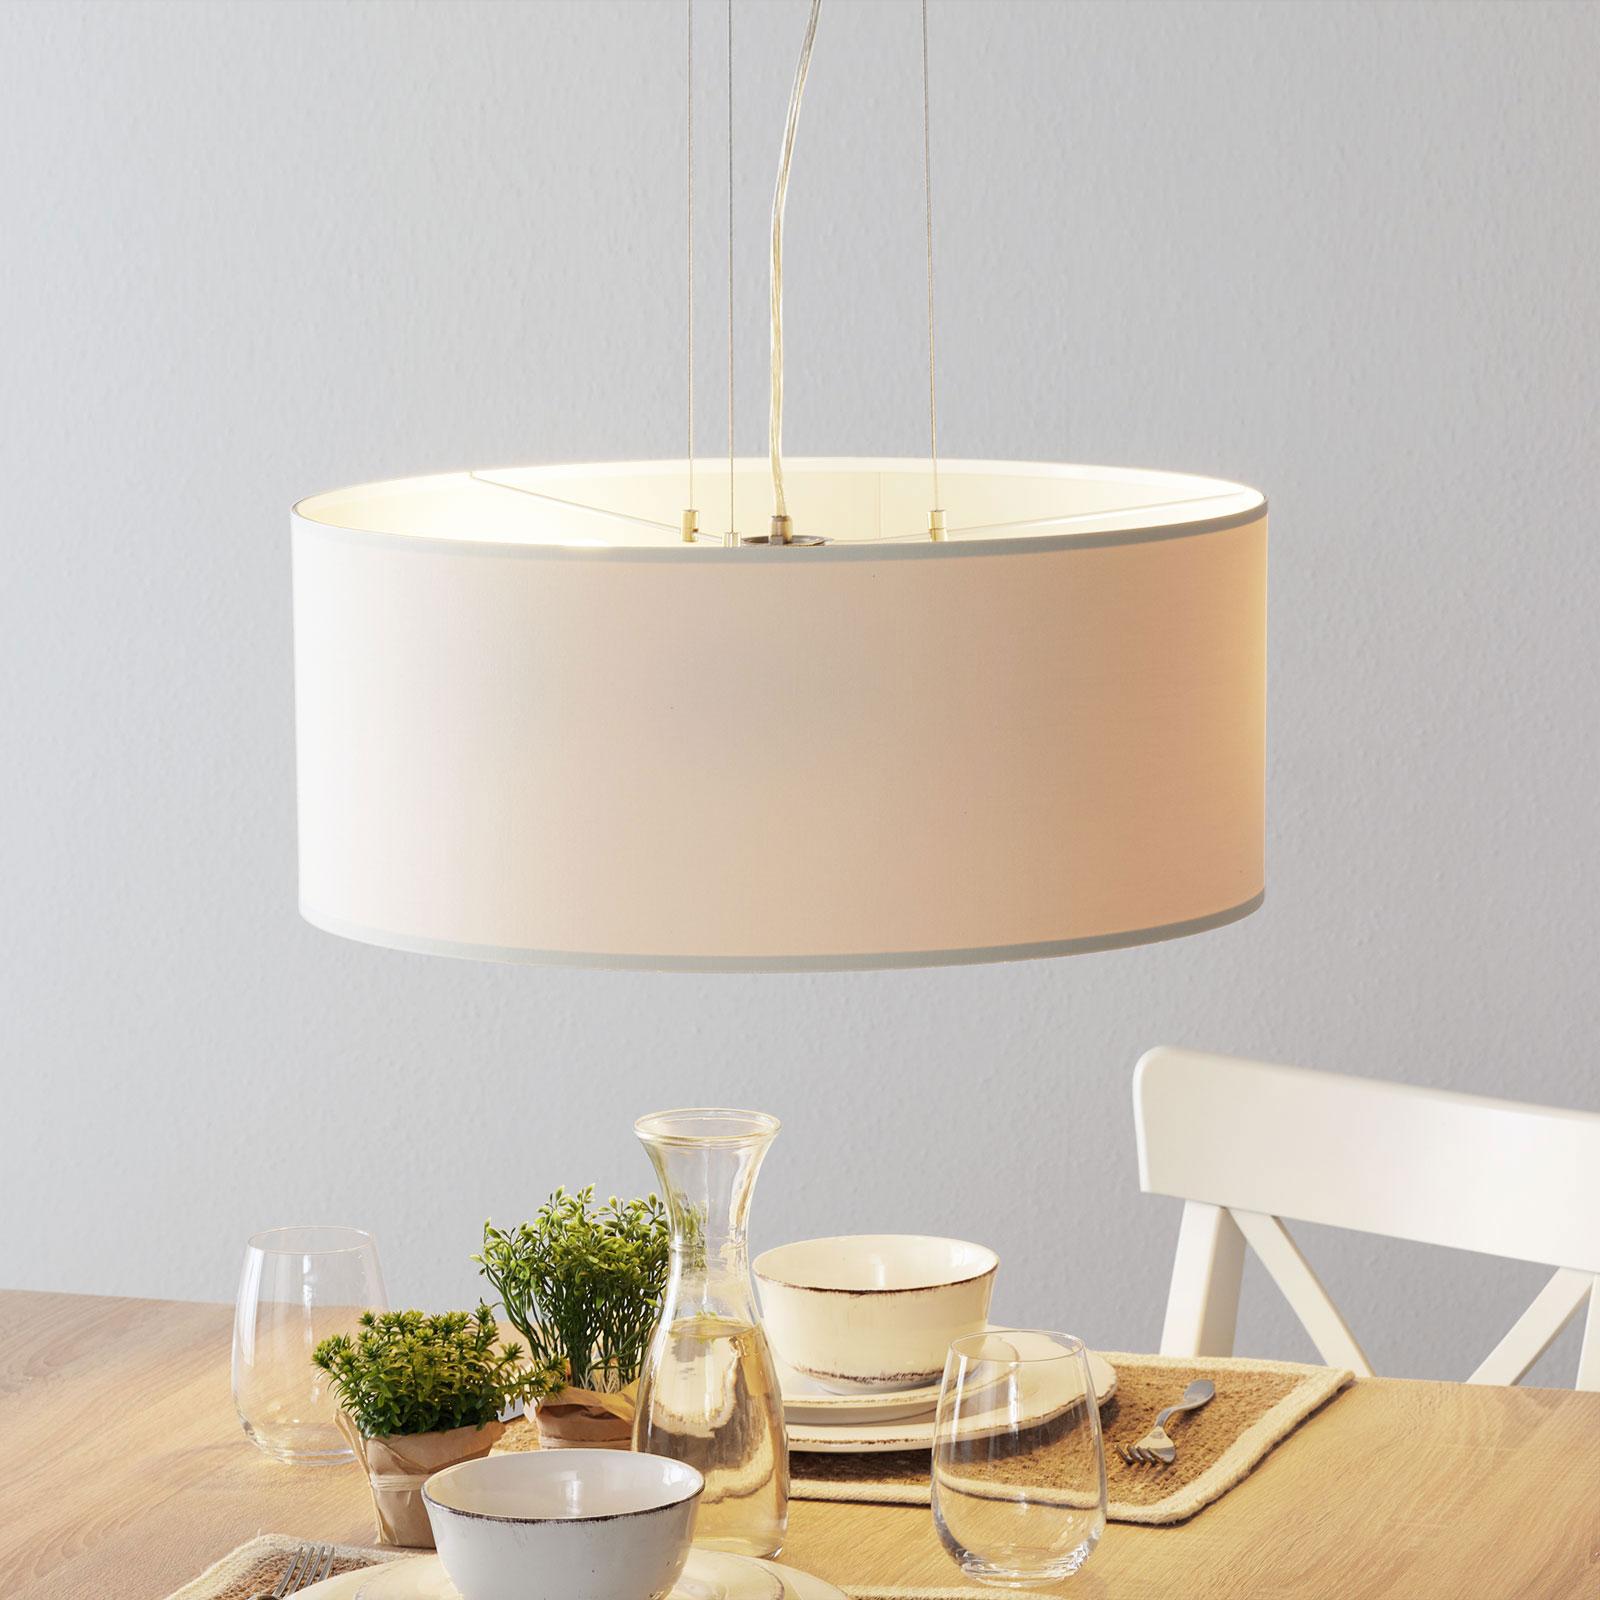 Lucande Patrik textiel-hanglamp Ø53cm crème